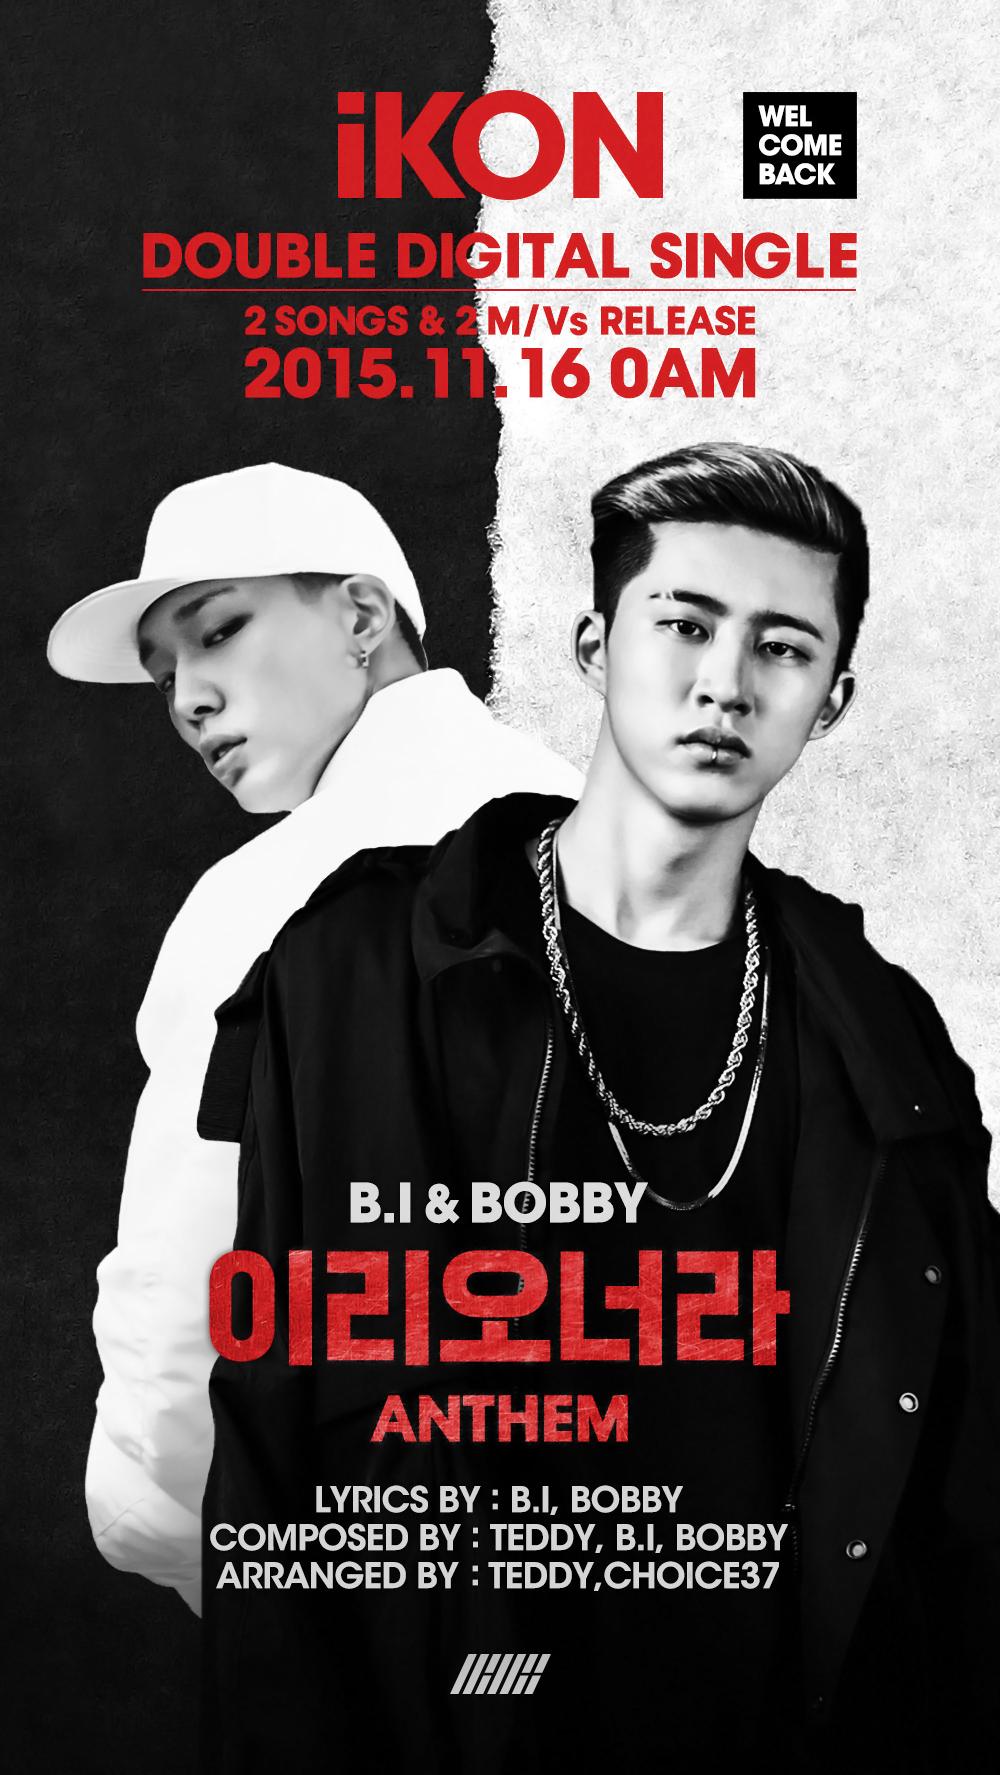 B.I & Bobby